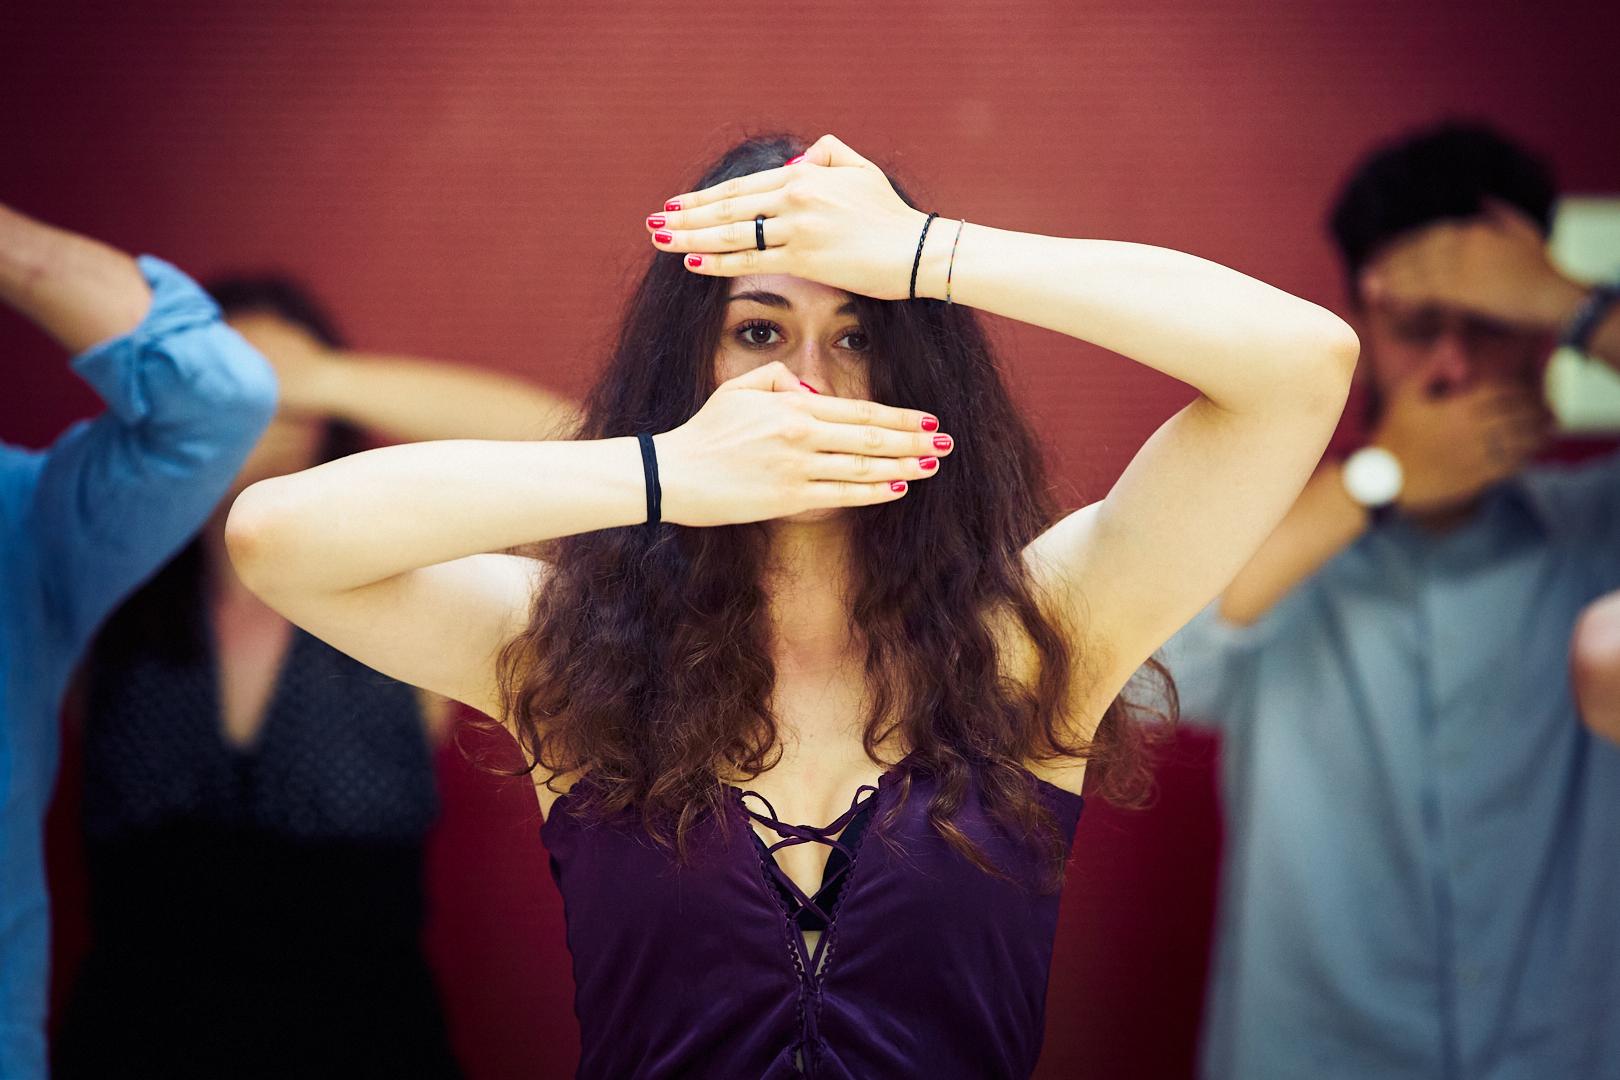 Pvk Photo | Photographe professionnel | danseuse avec ses mains devant le visage